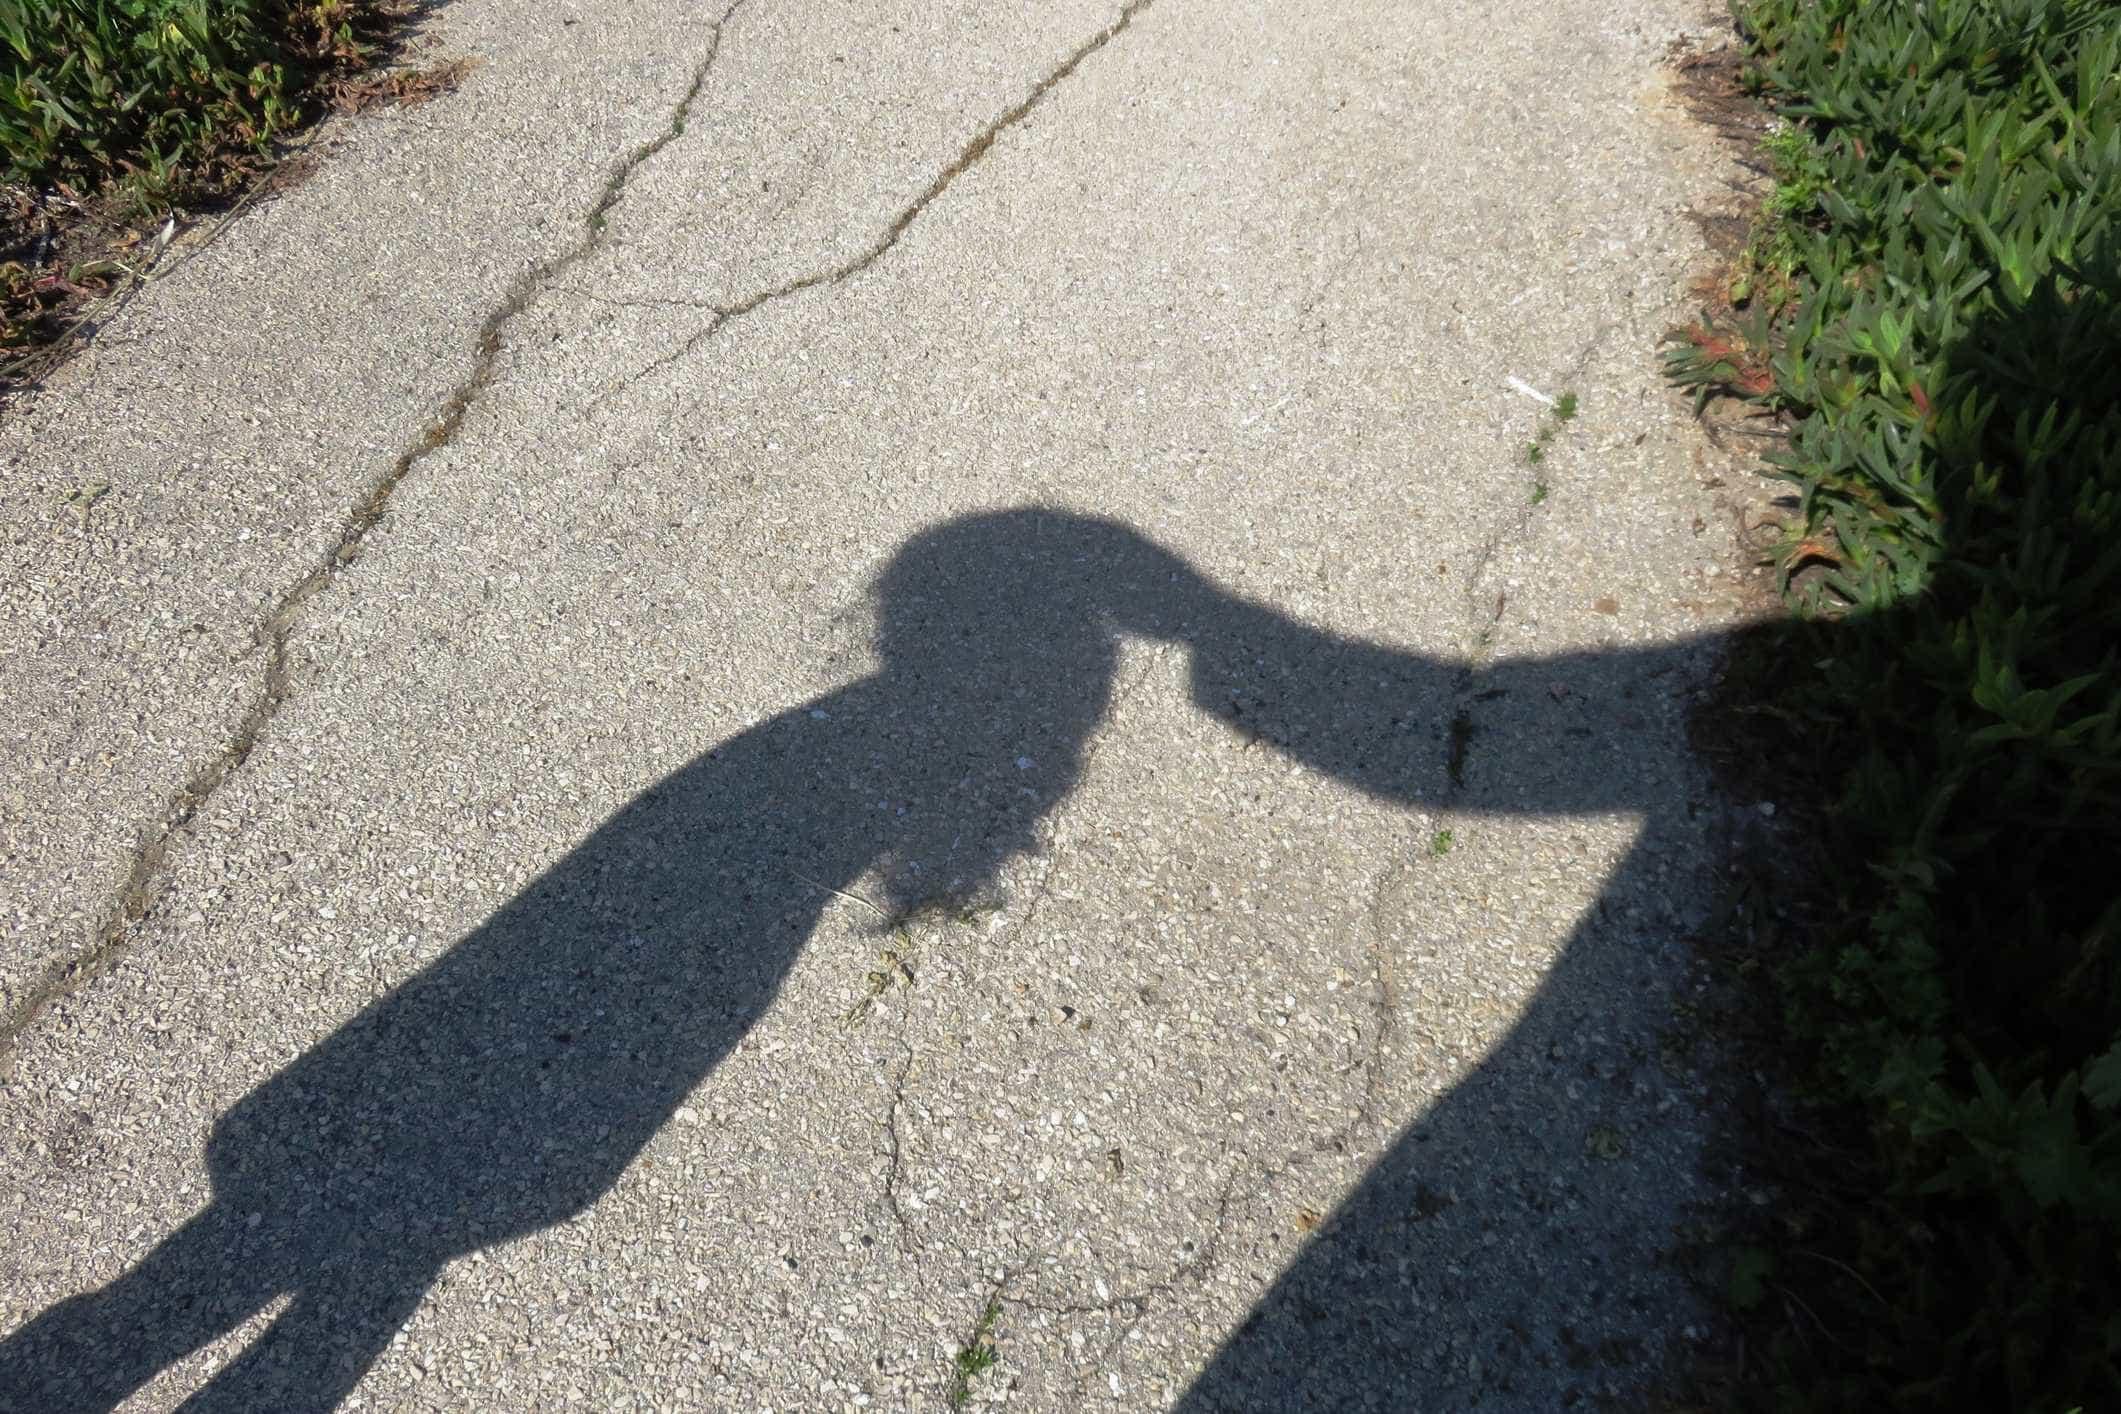 Rapaz de 16 anos violou menina de dez anos a caminho de casa